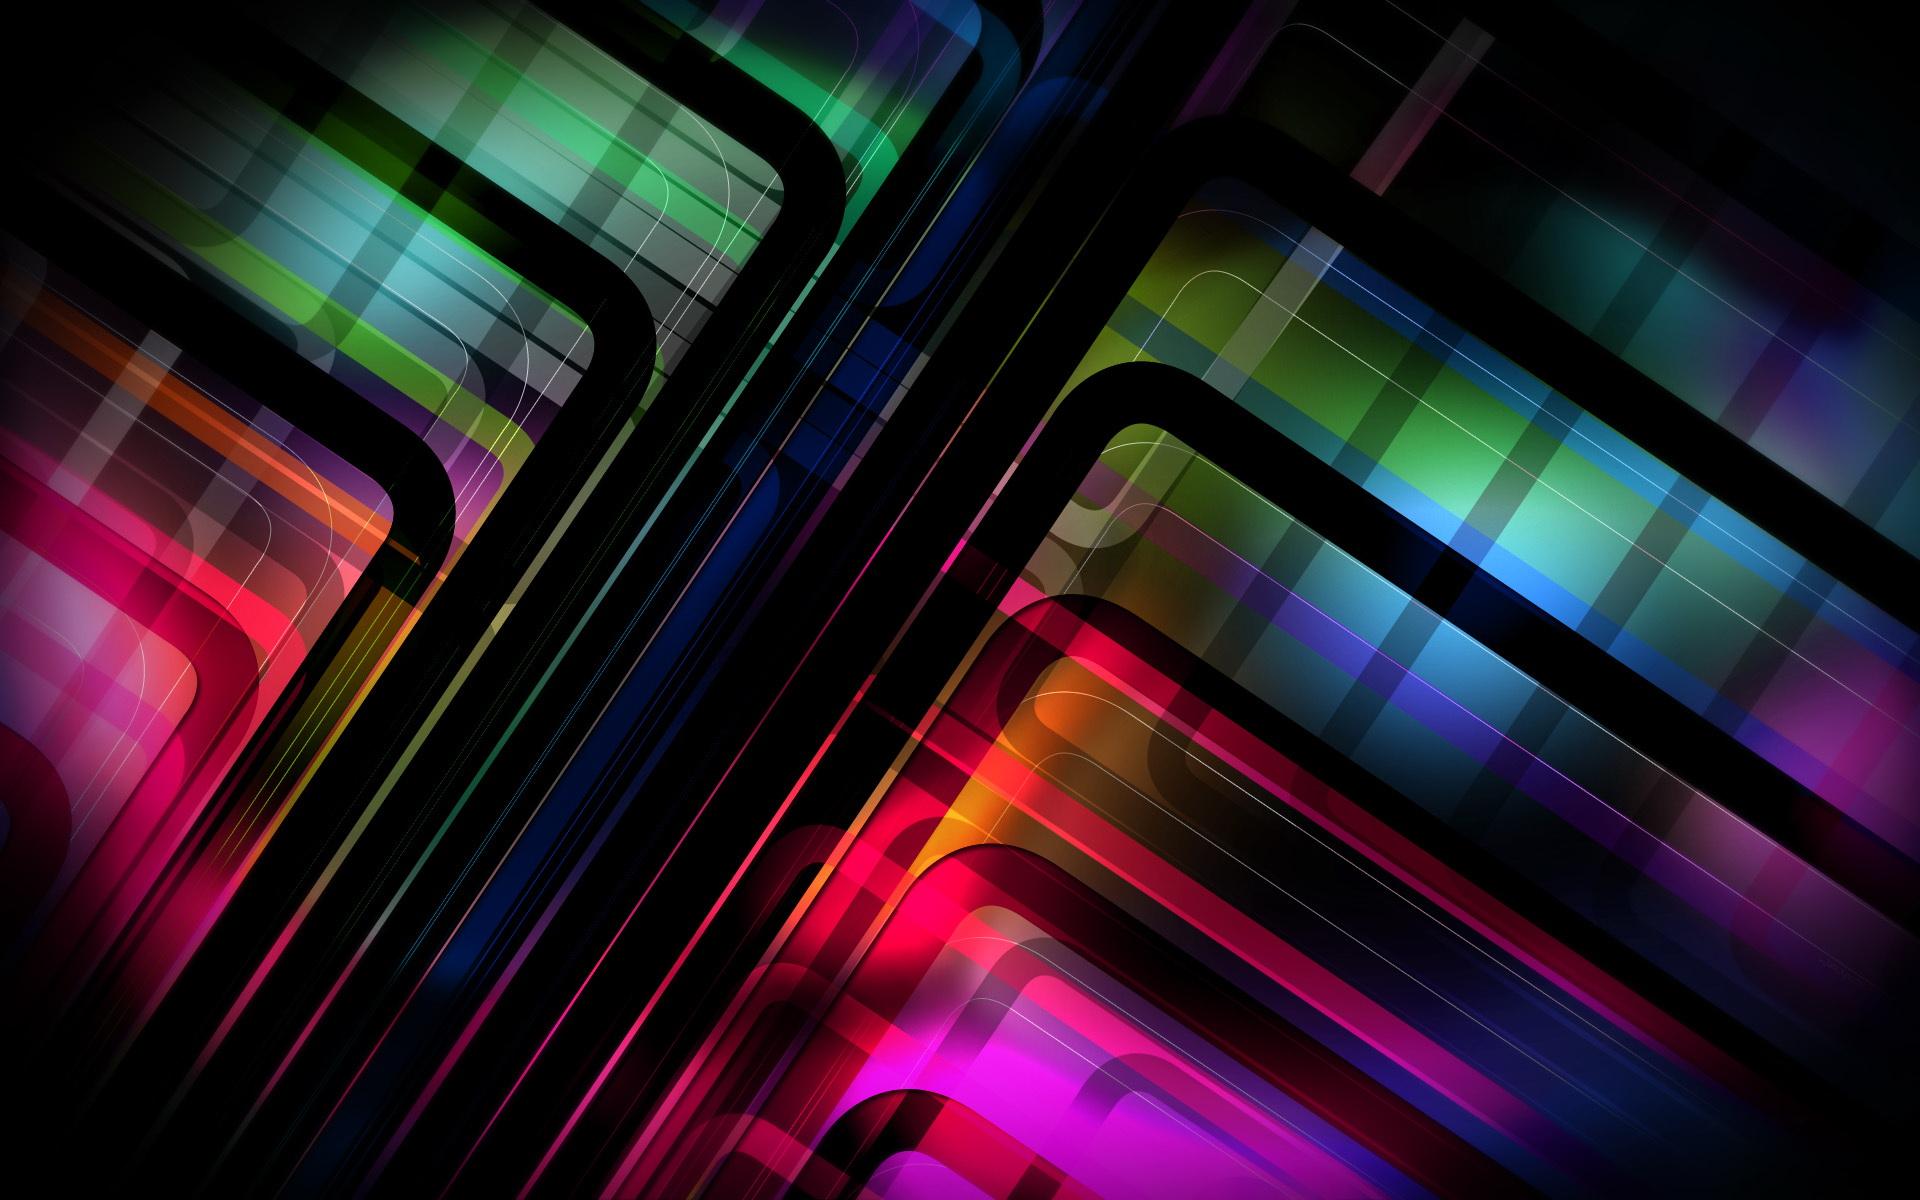 Abstract Widescreen Desktop Wallpaper wallpaper wallpaper hd 1920x1200